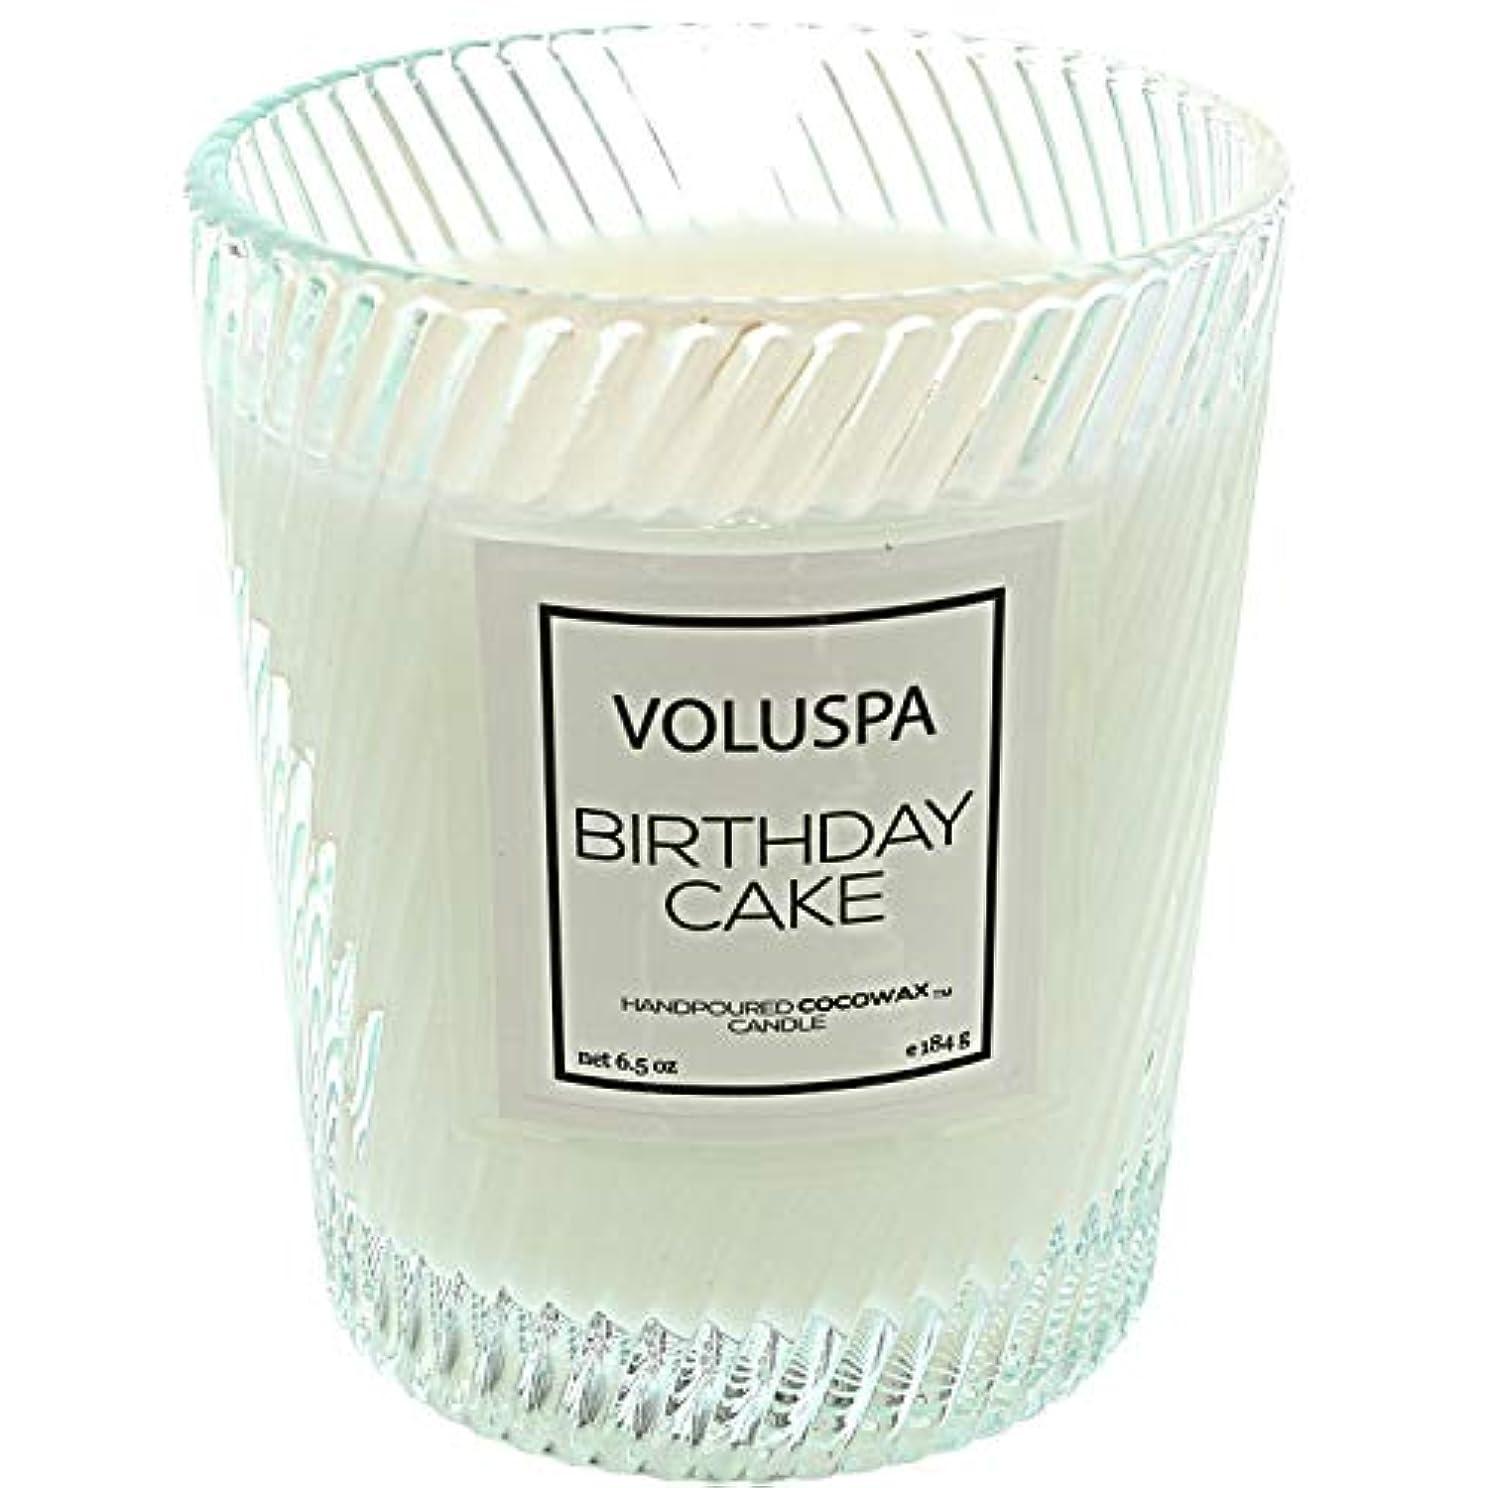 マーガレットミッチェル腰怒っているVOLUSPA マカロン クラシックグラスキャンドル バースデーケーキ 184g